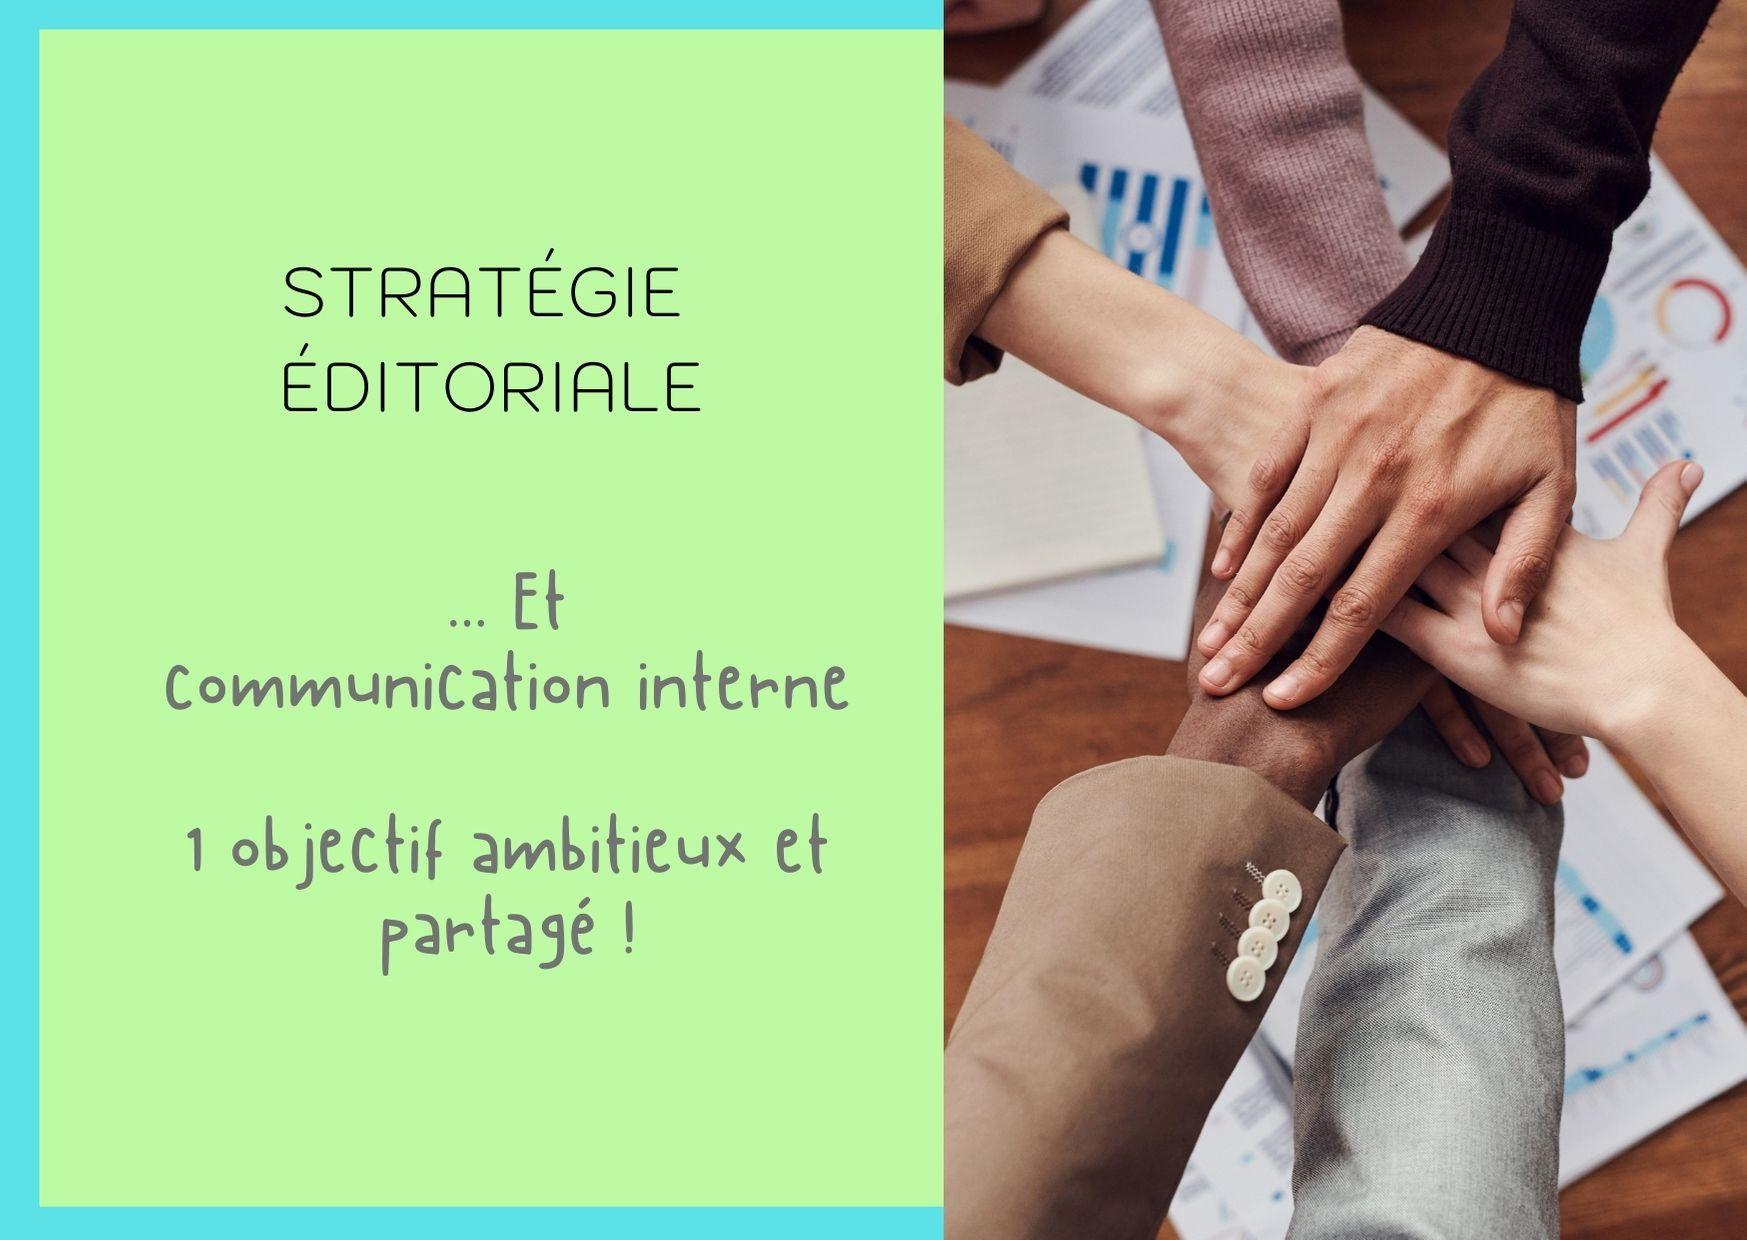 stratégie éditoriale au service de la communication interne